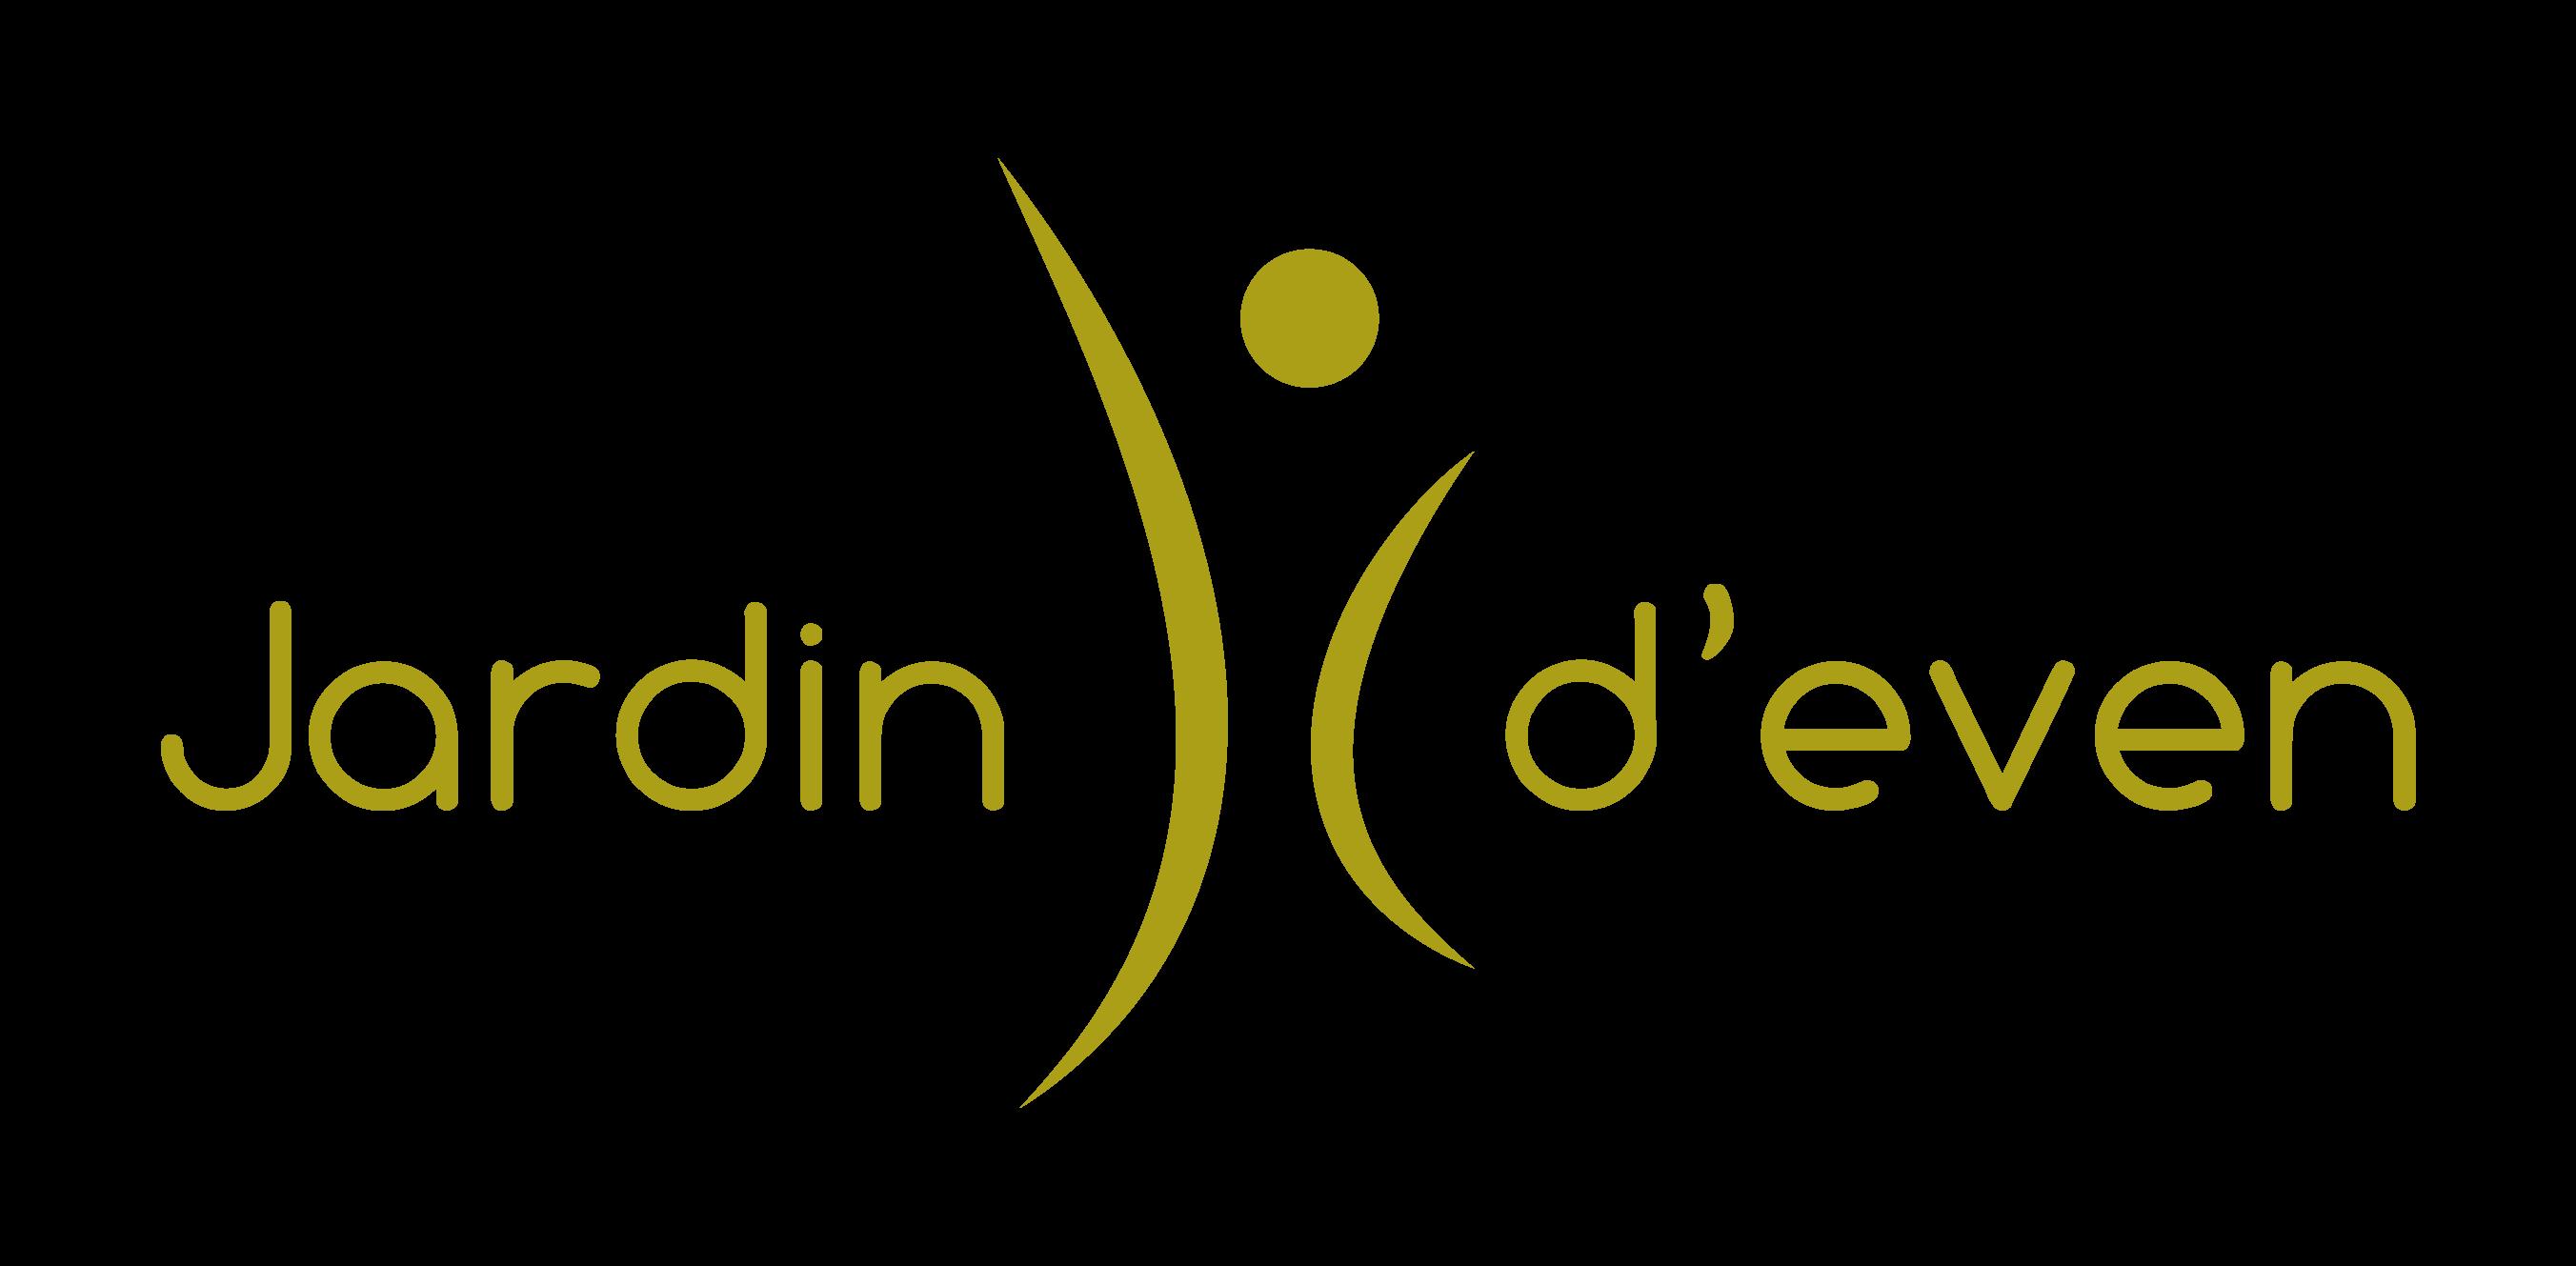 JARDIN D'EVEN